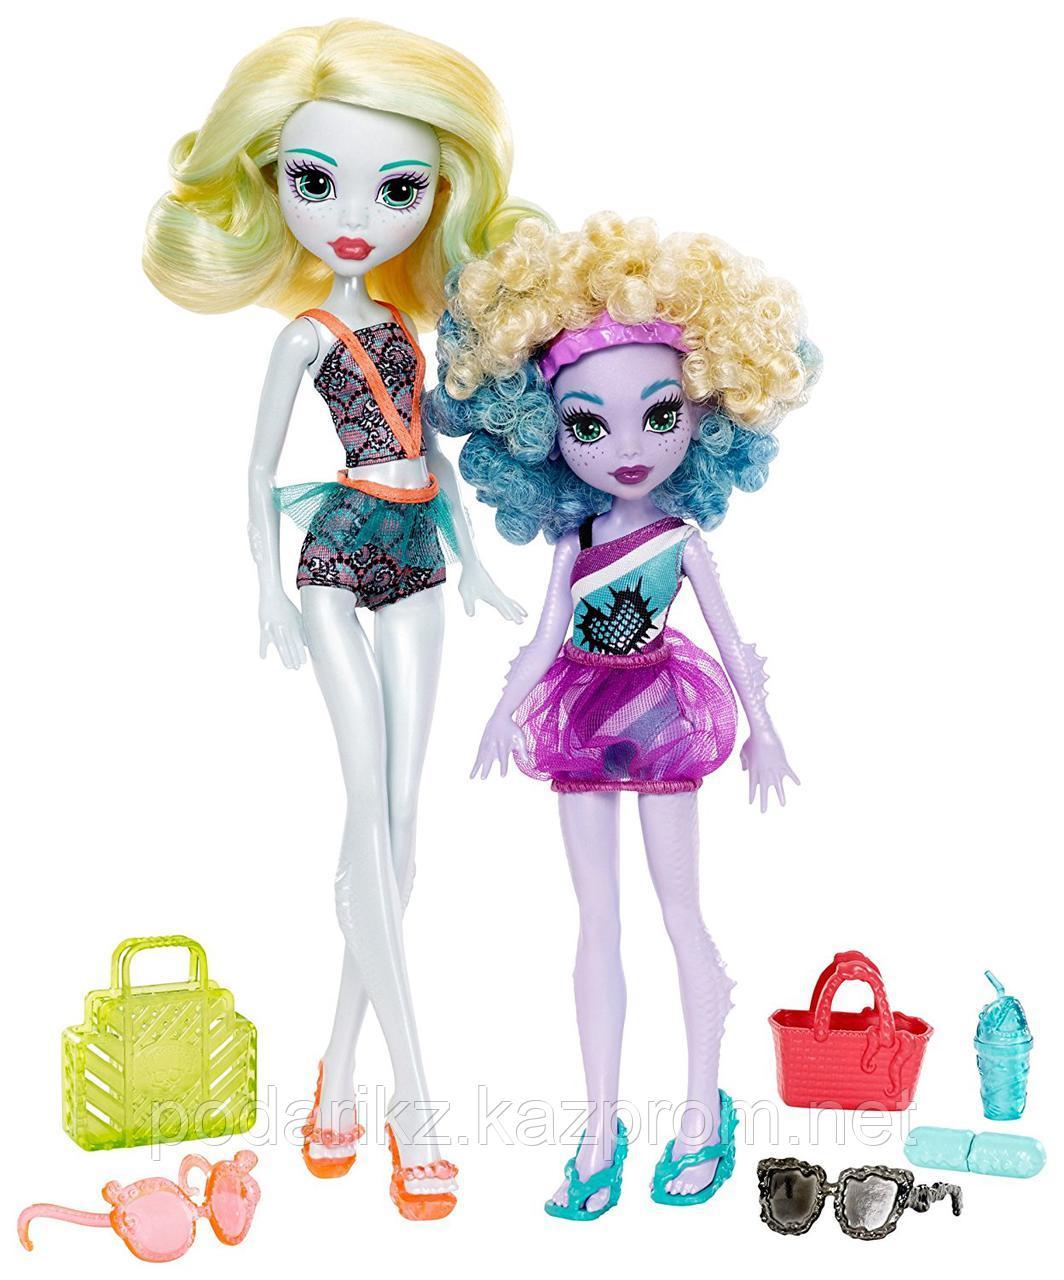 Кукла Монстр Хай Лагуна Блю и её сестра Келпи Блю - фото 1